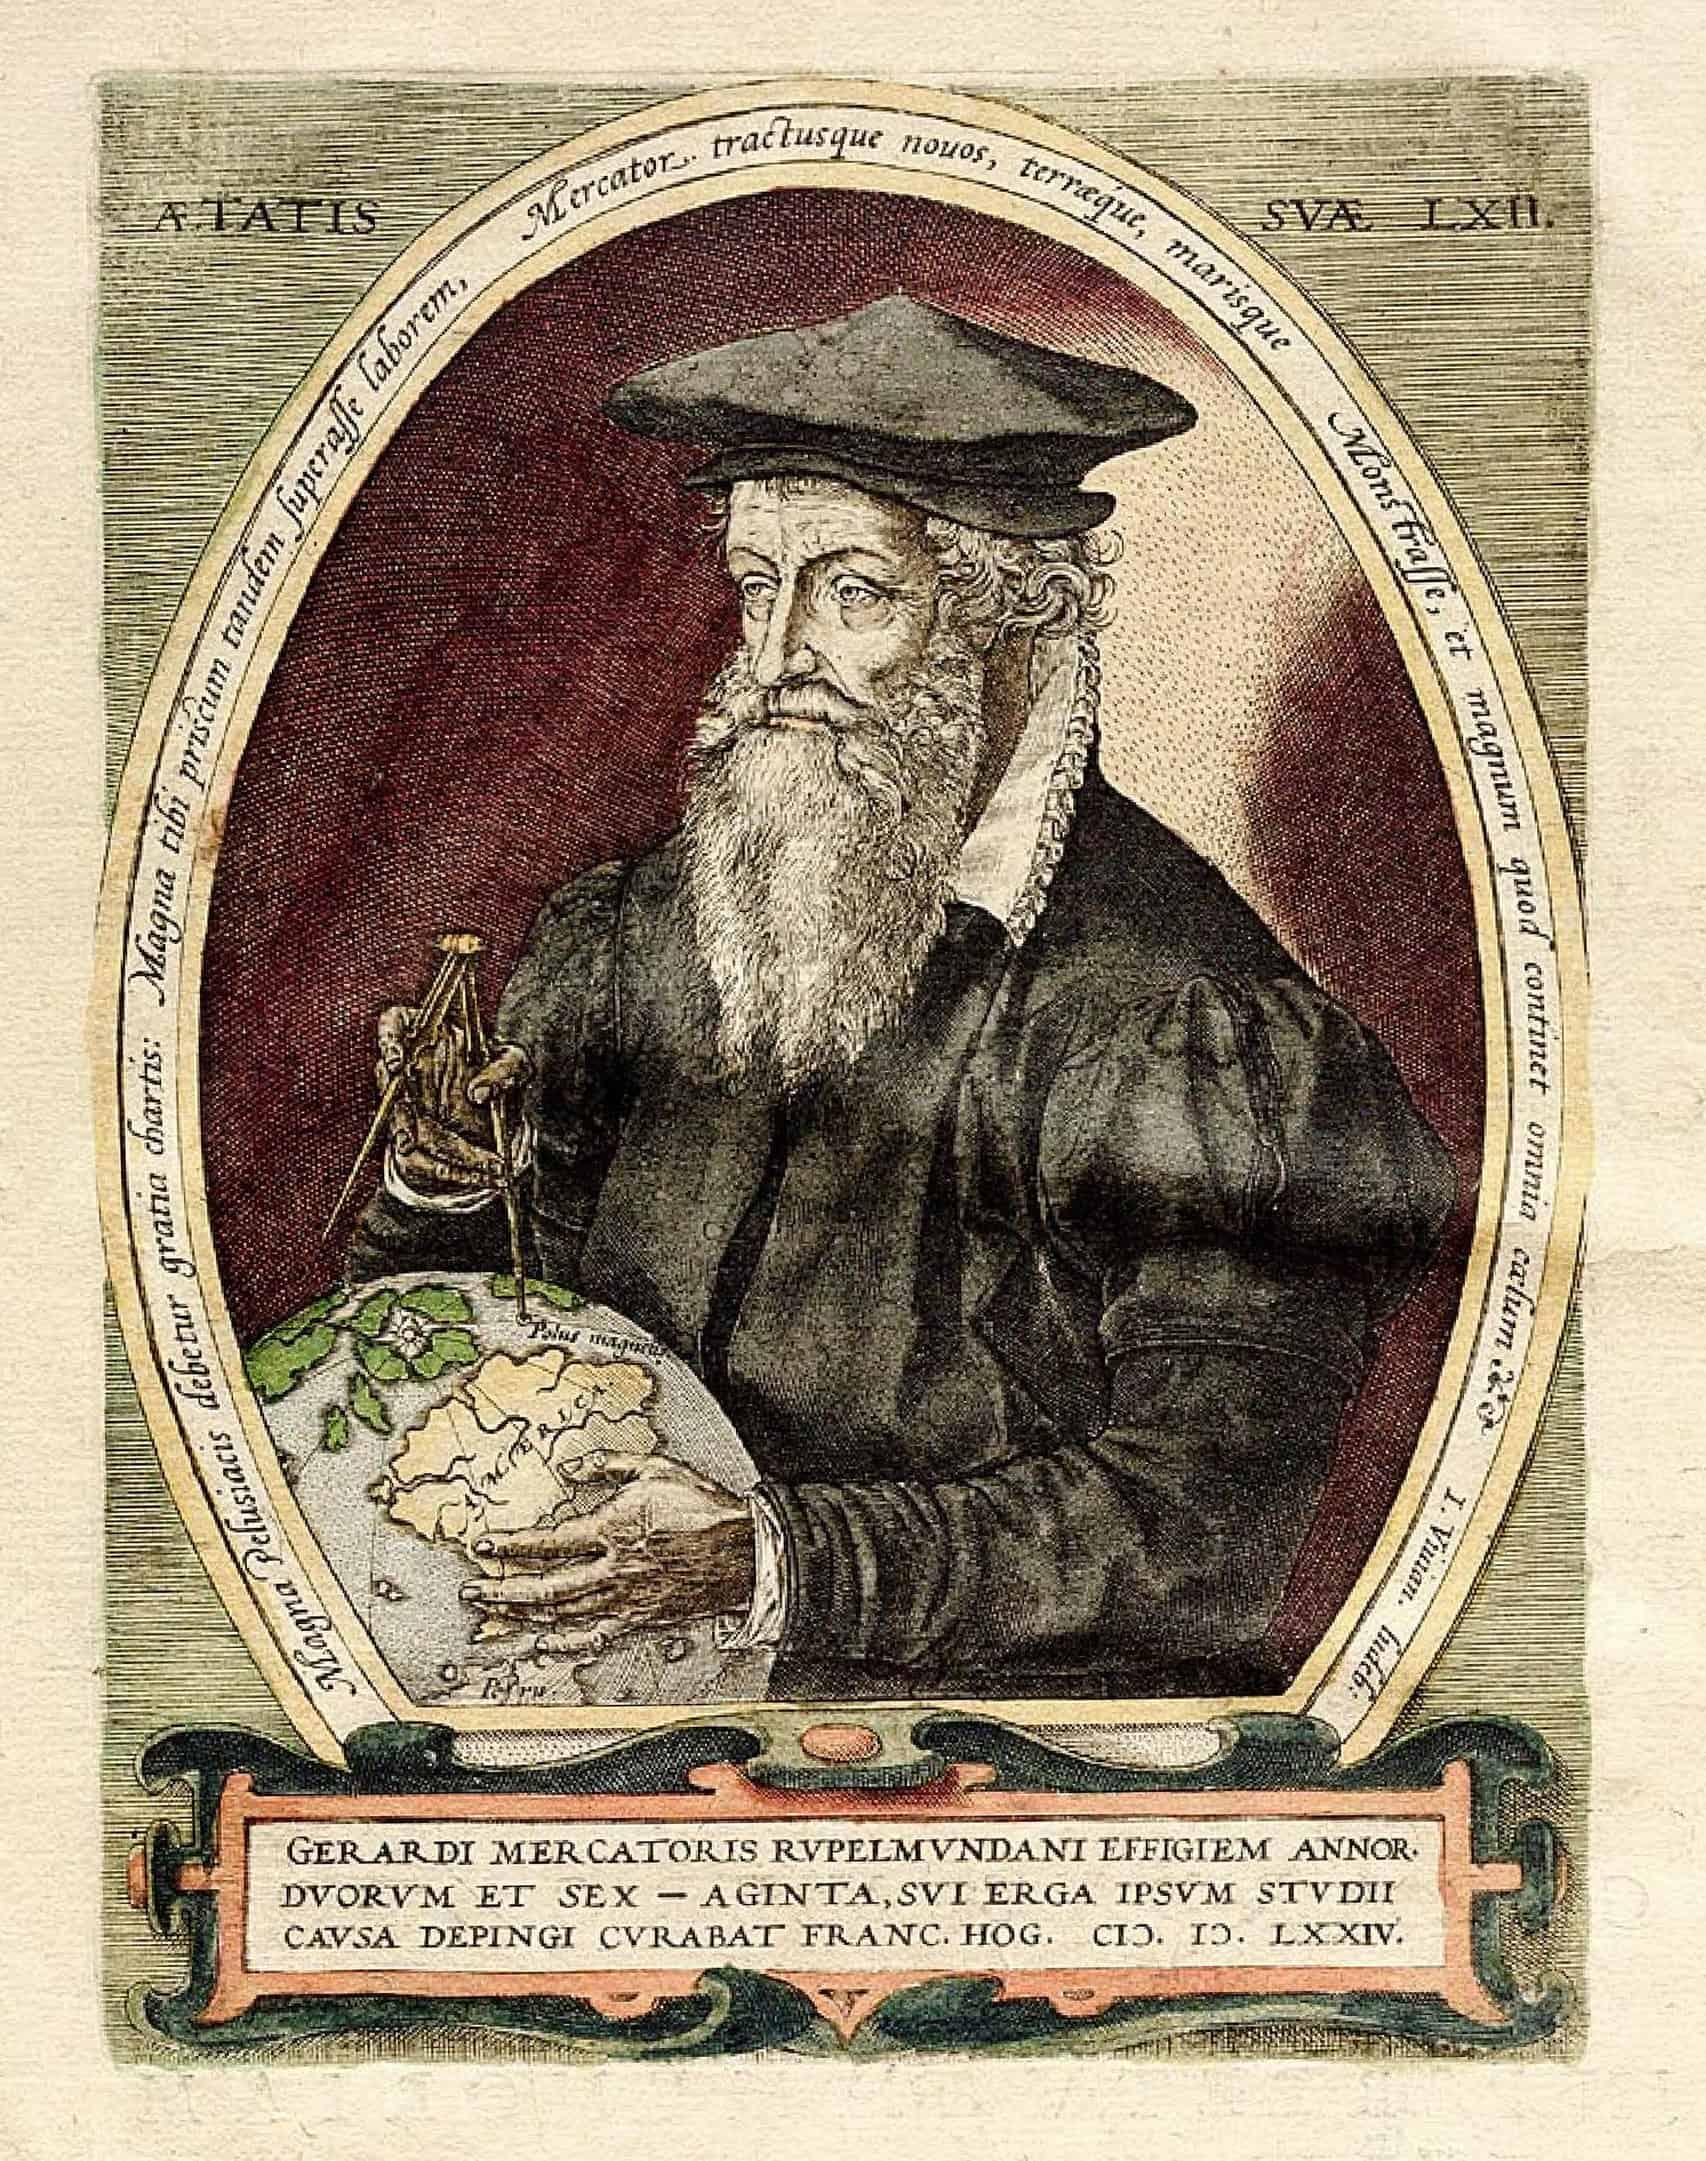 Belgium Facts, Gerardus Mercator